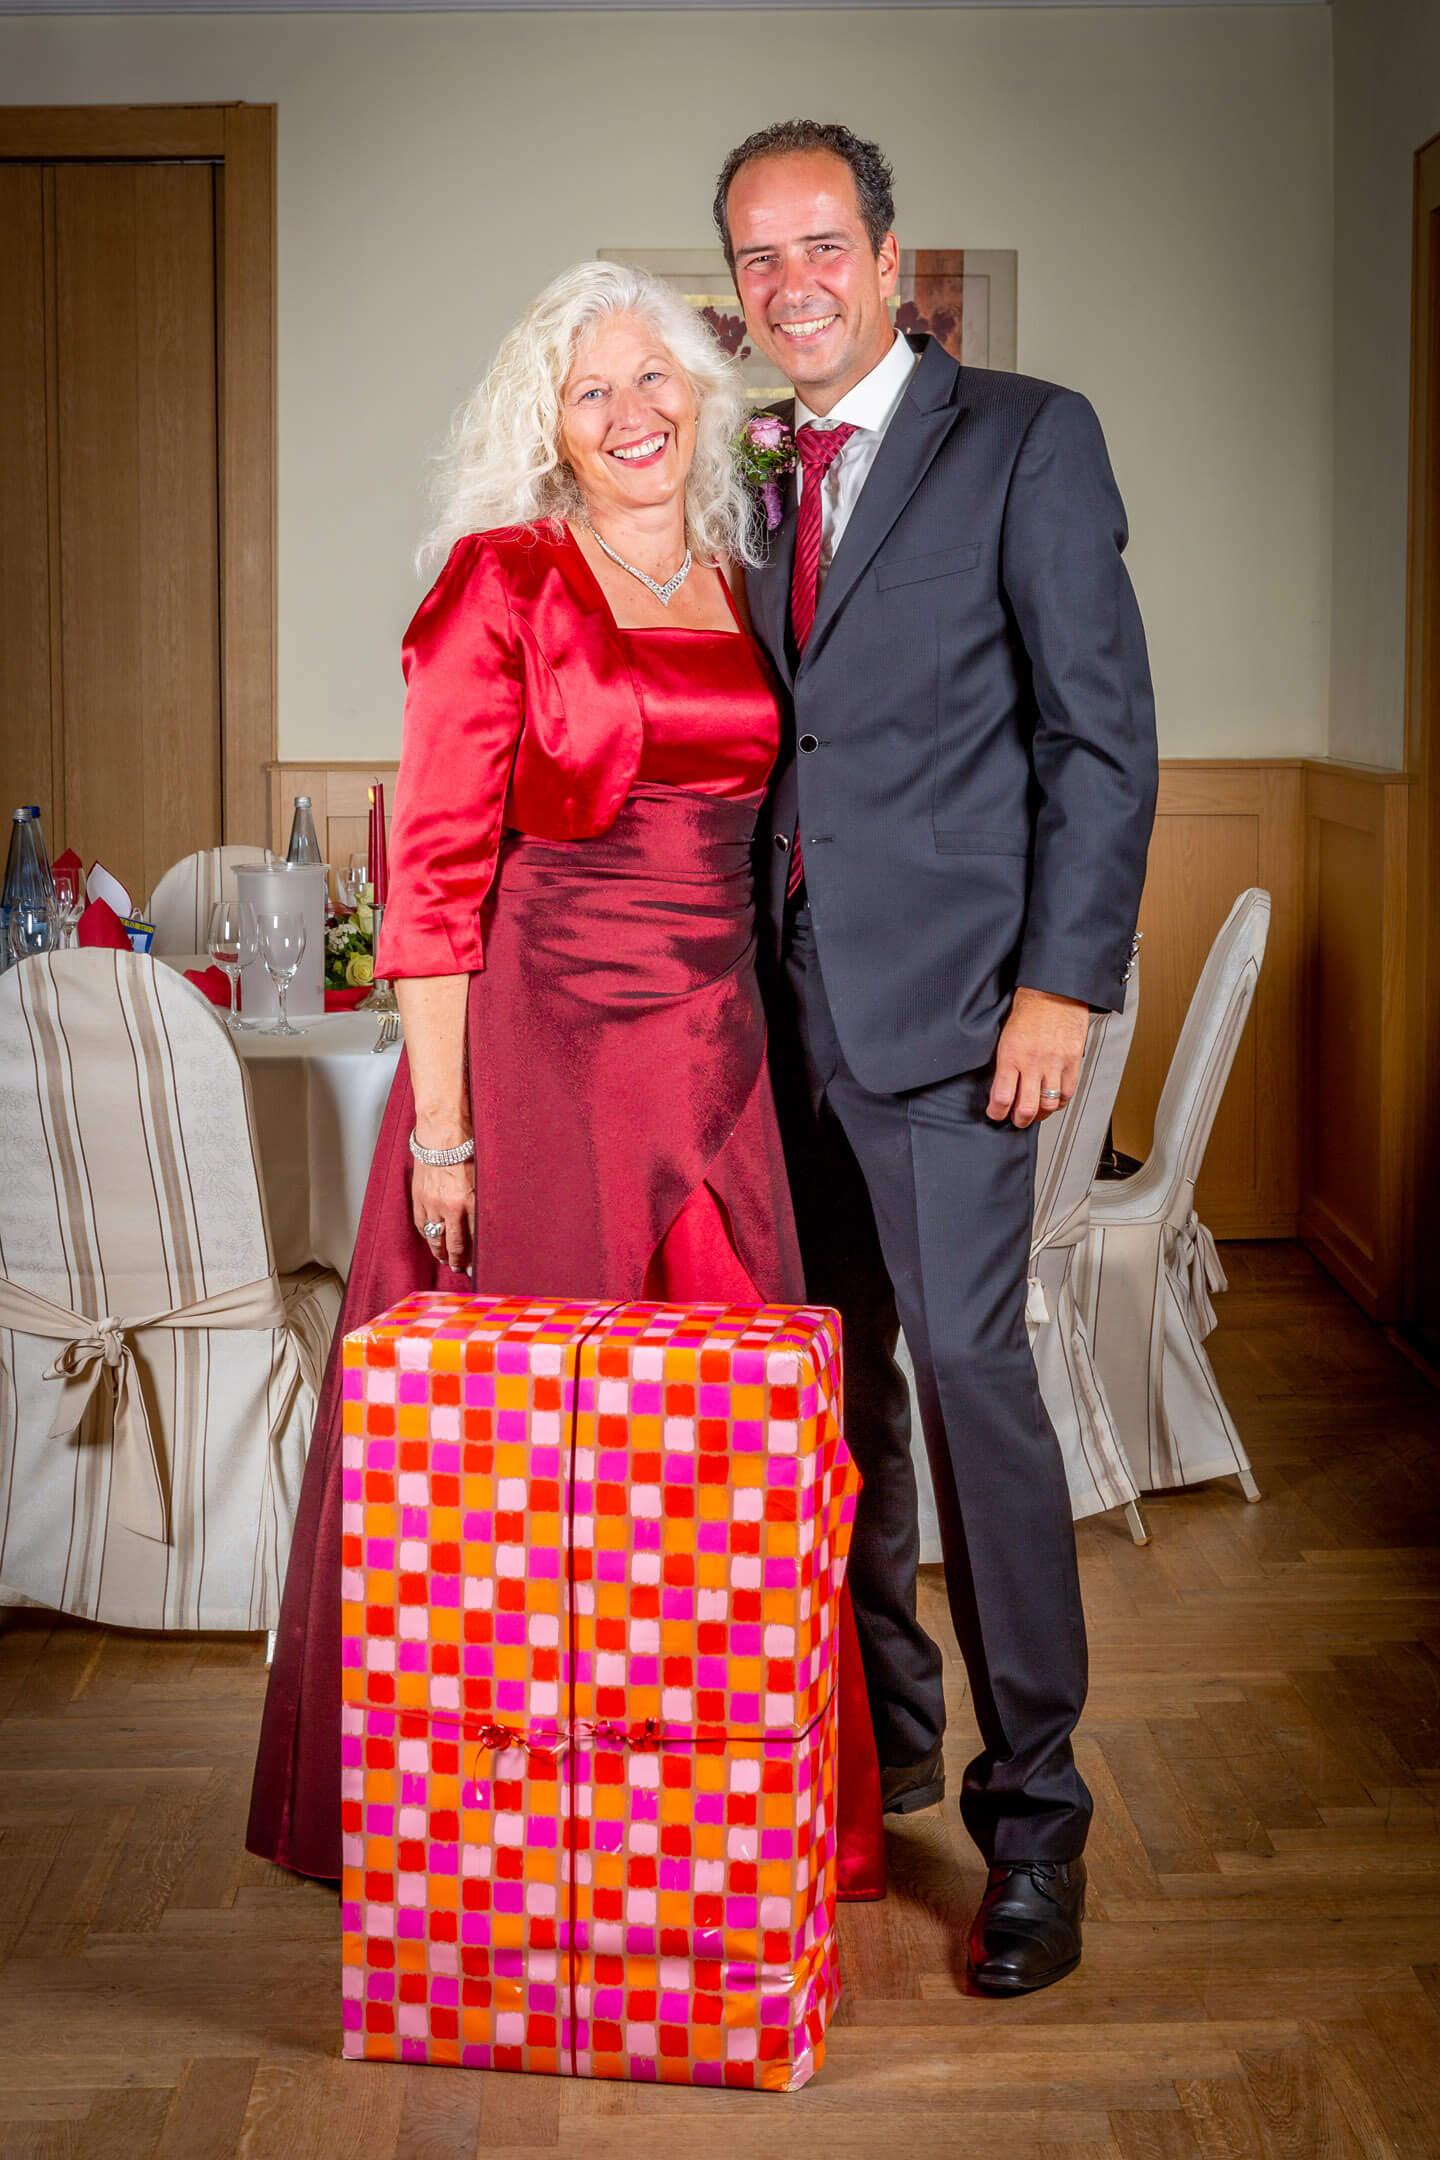 Trauzeuge mit seiner Frau und dem Hochzeitsgeschenk zu Beginn der Hochzeitsfeier